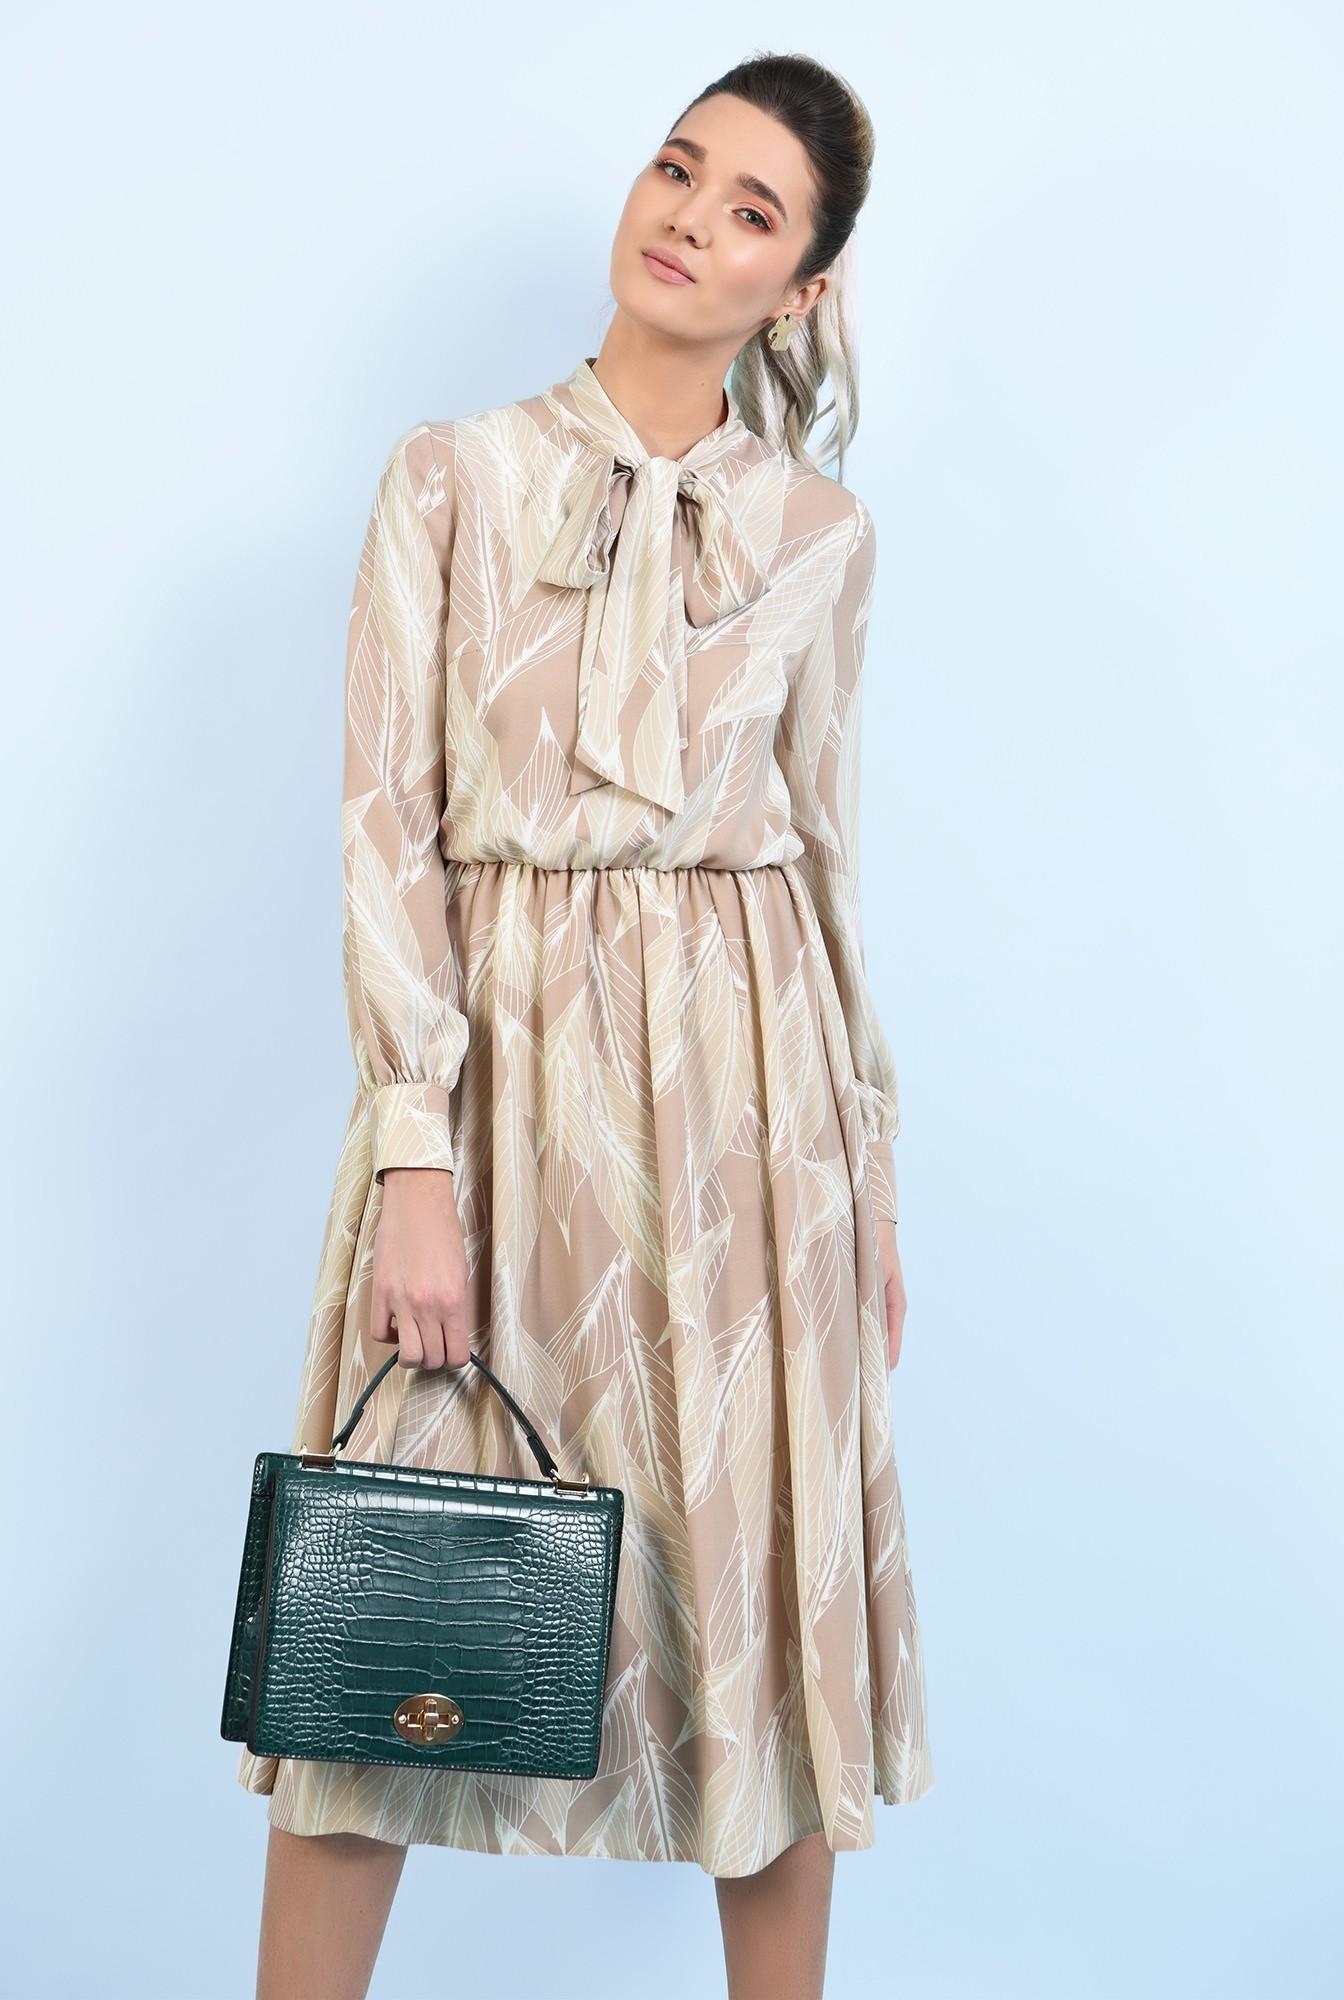 0 - 360 - rochie midi, clos, cu imprimeu, funda, rochie de primavara